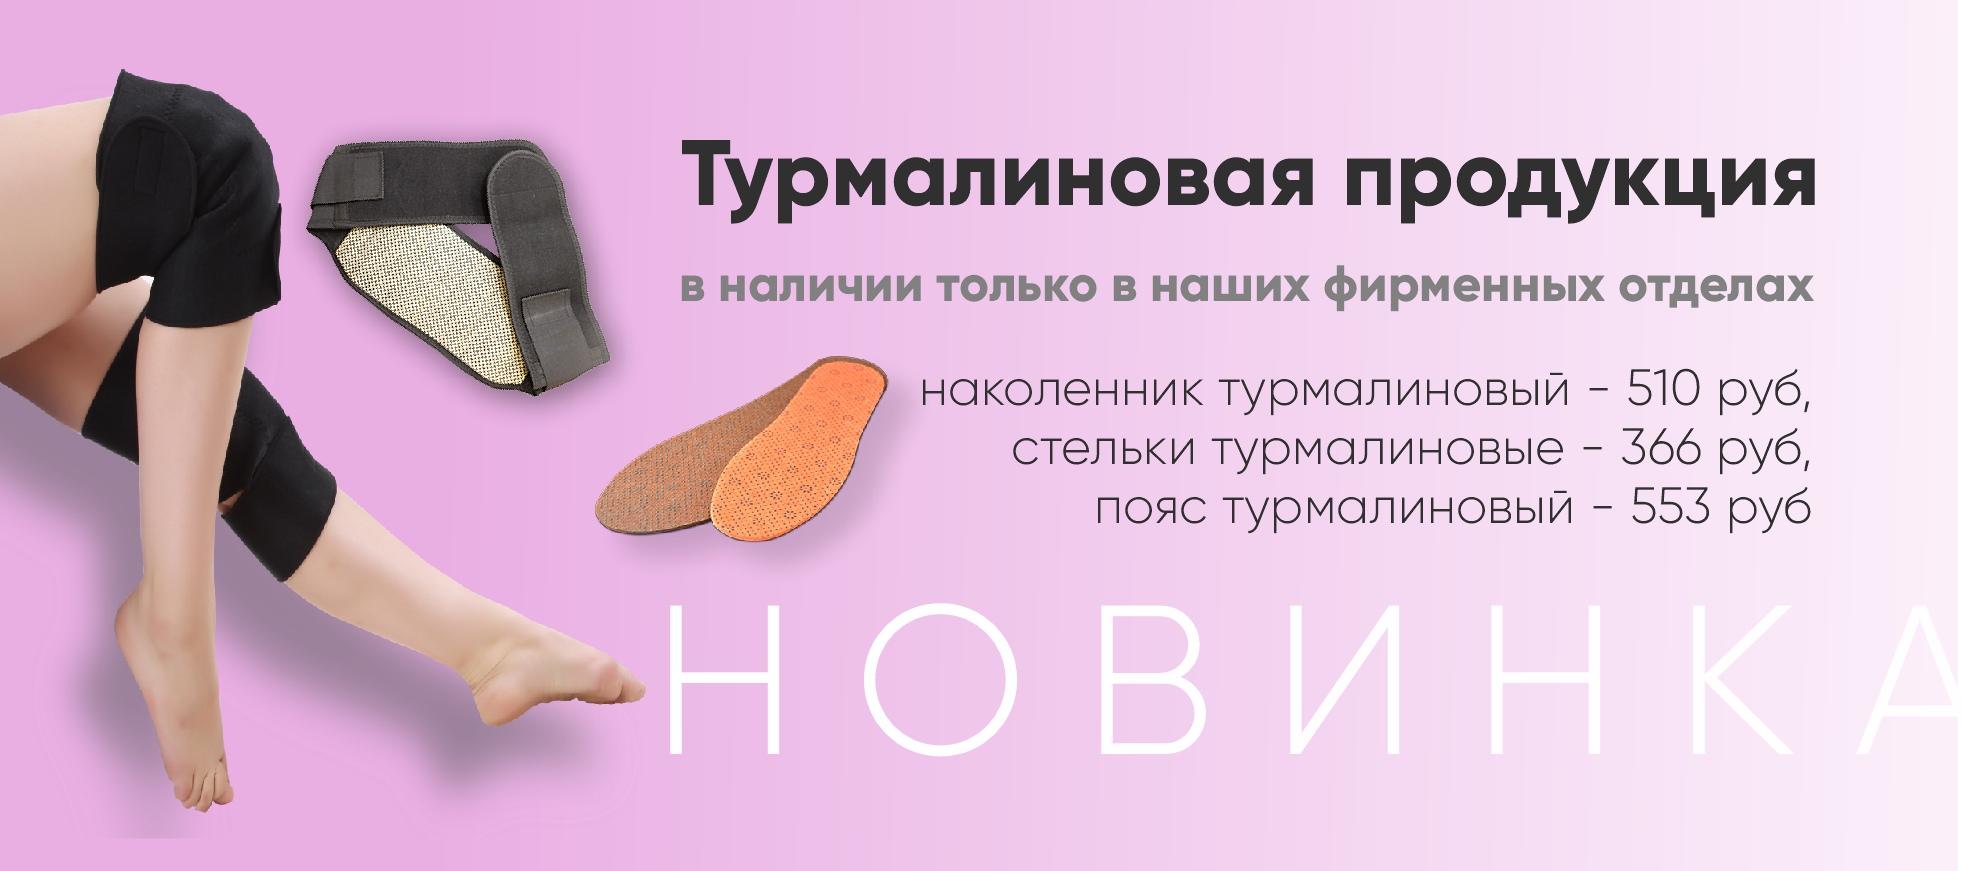 turmalin-banner